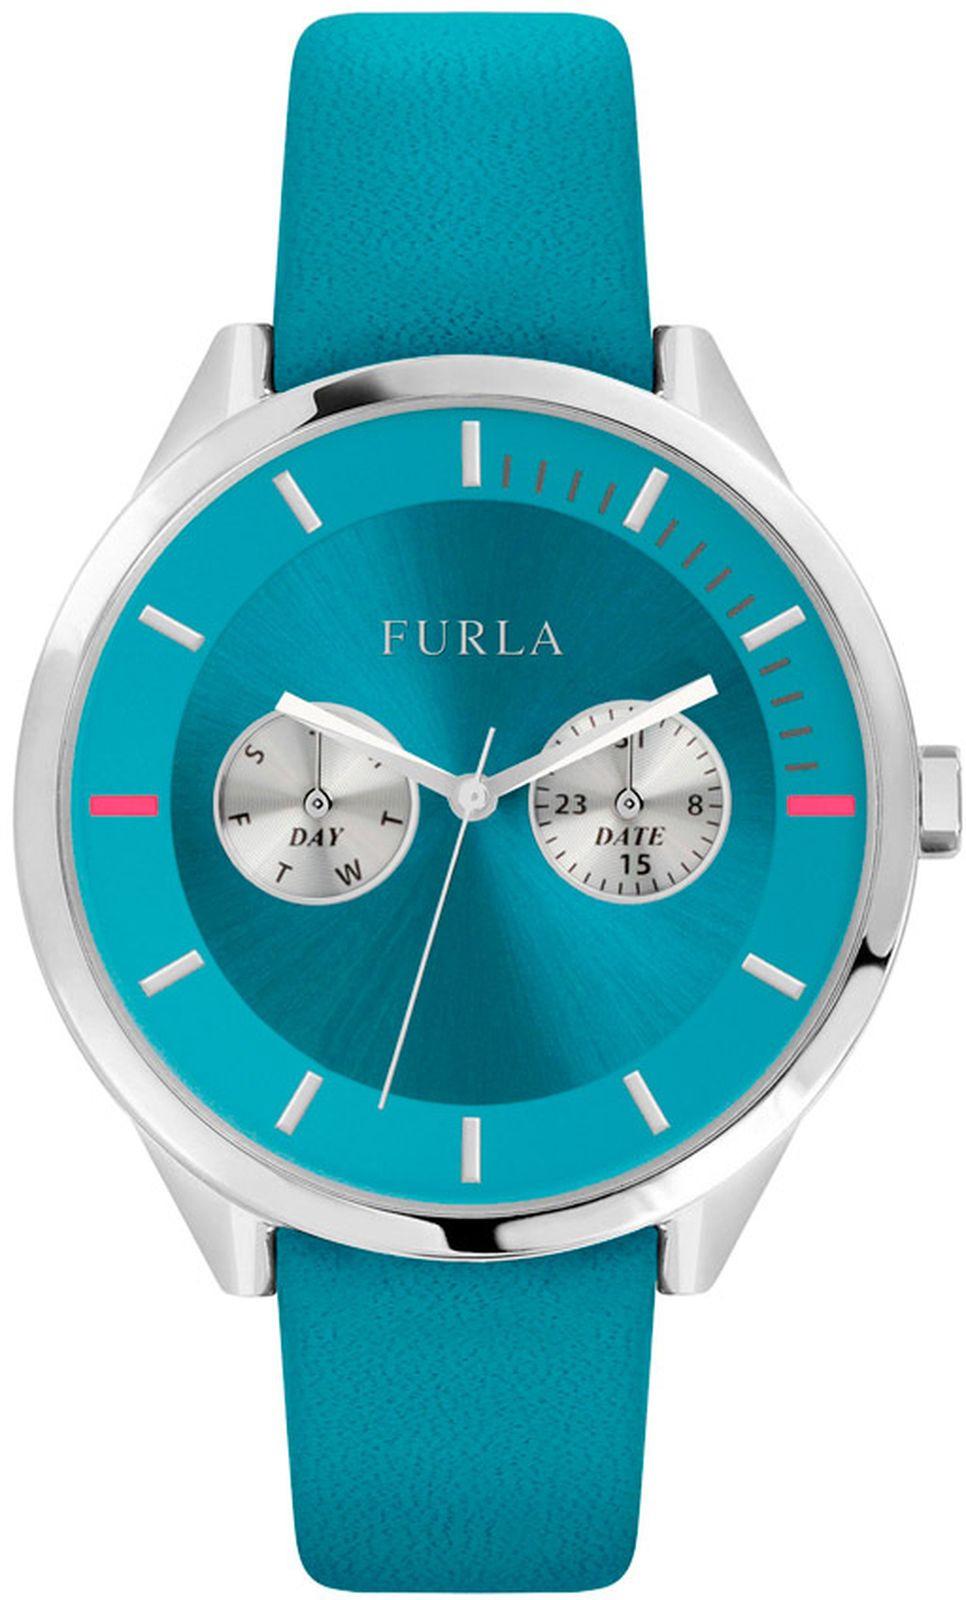 Наручные часы Furla женские, светло-синий